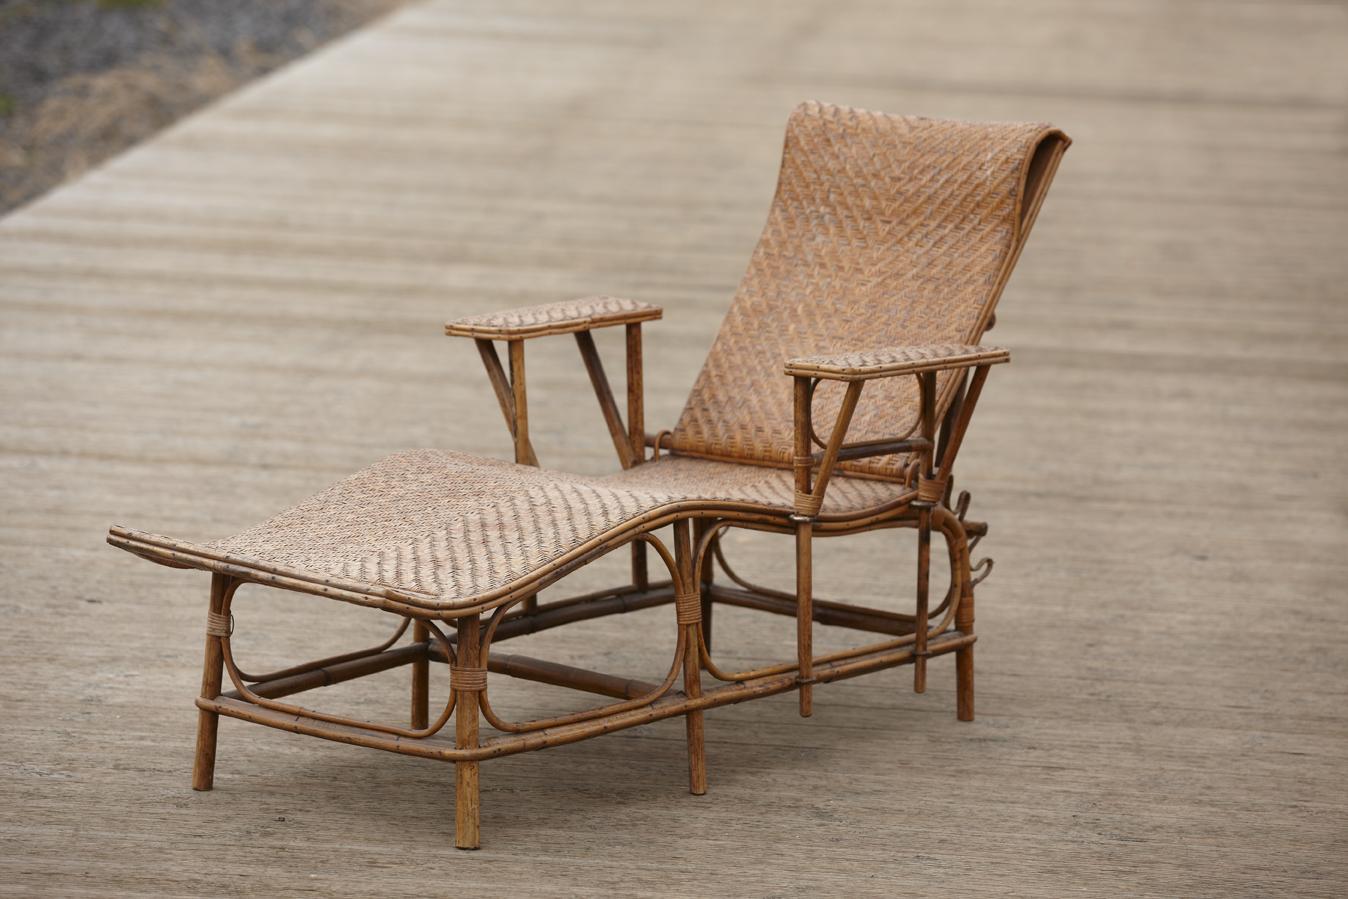 galerie vauclair la vogue du rotin the rattan vogue. Black Bedroom Furniture Sets. Home Design Ideas